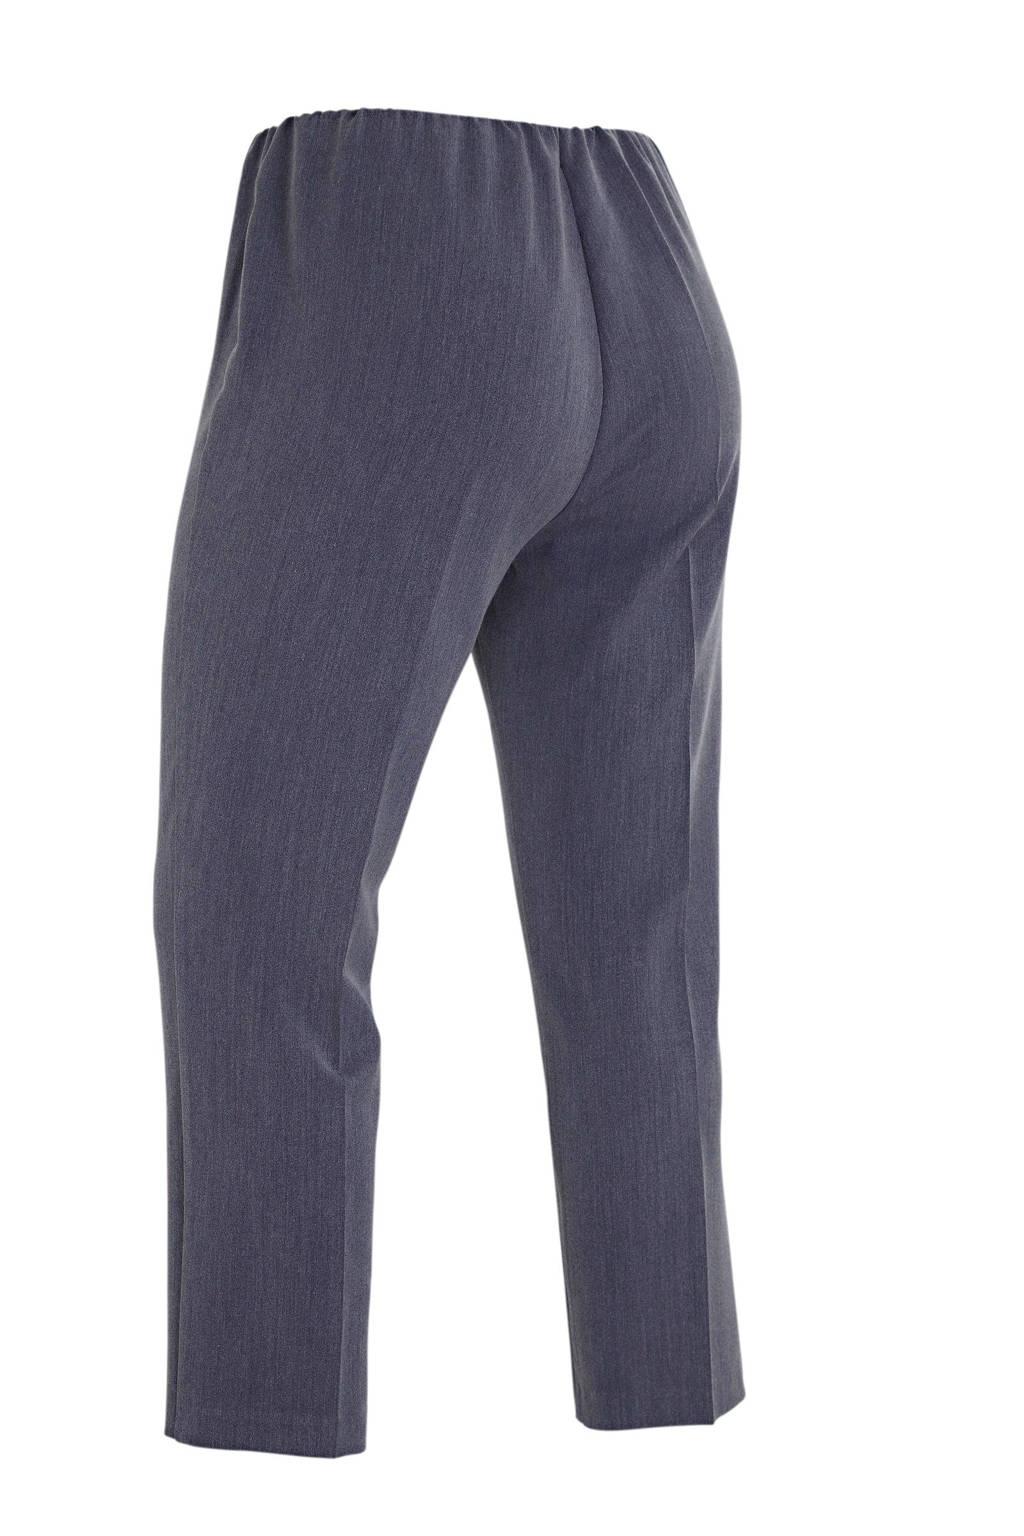 Julipa gemêleerde slim fit broek donkerblauw melange, Donkerblauw melange